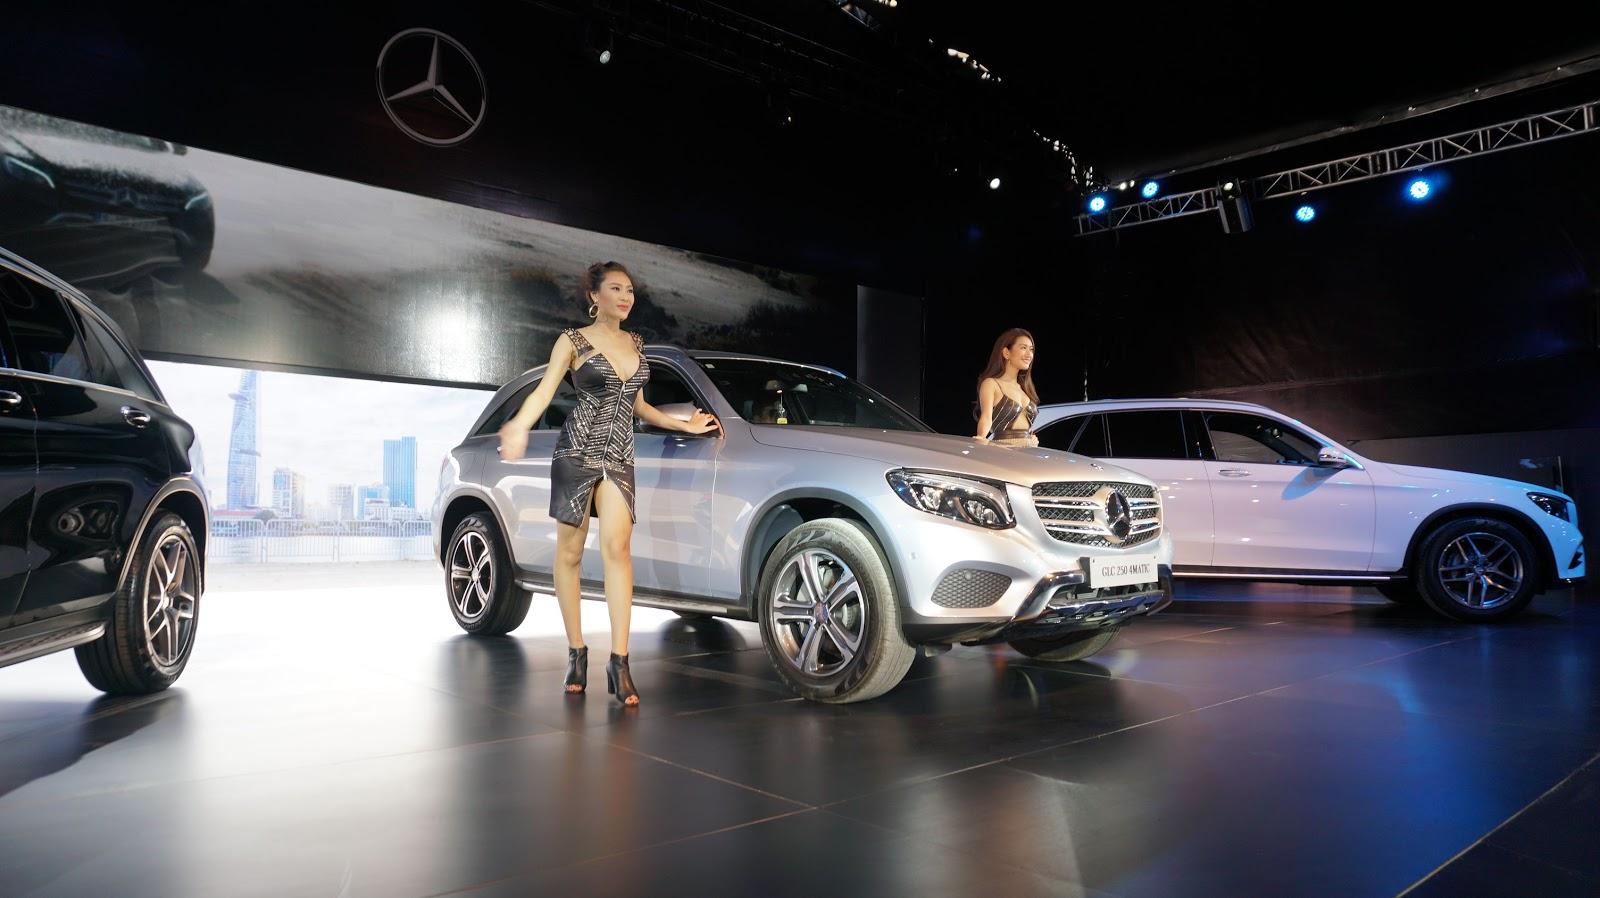 Chiếc Mercedes Benz GLC 250 2016 xuất hiện ấn tượng với hai siêu mẫu